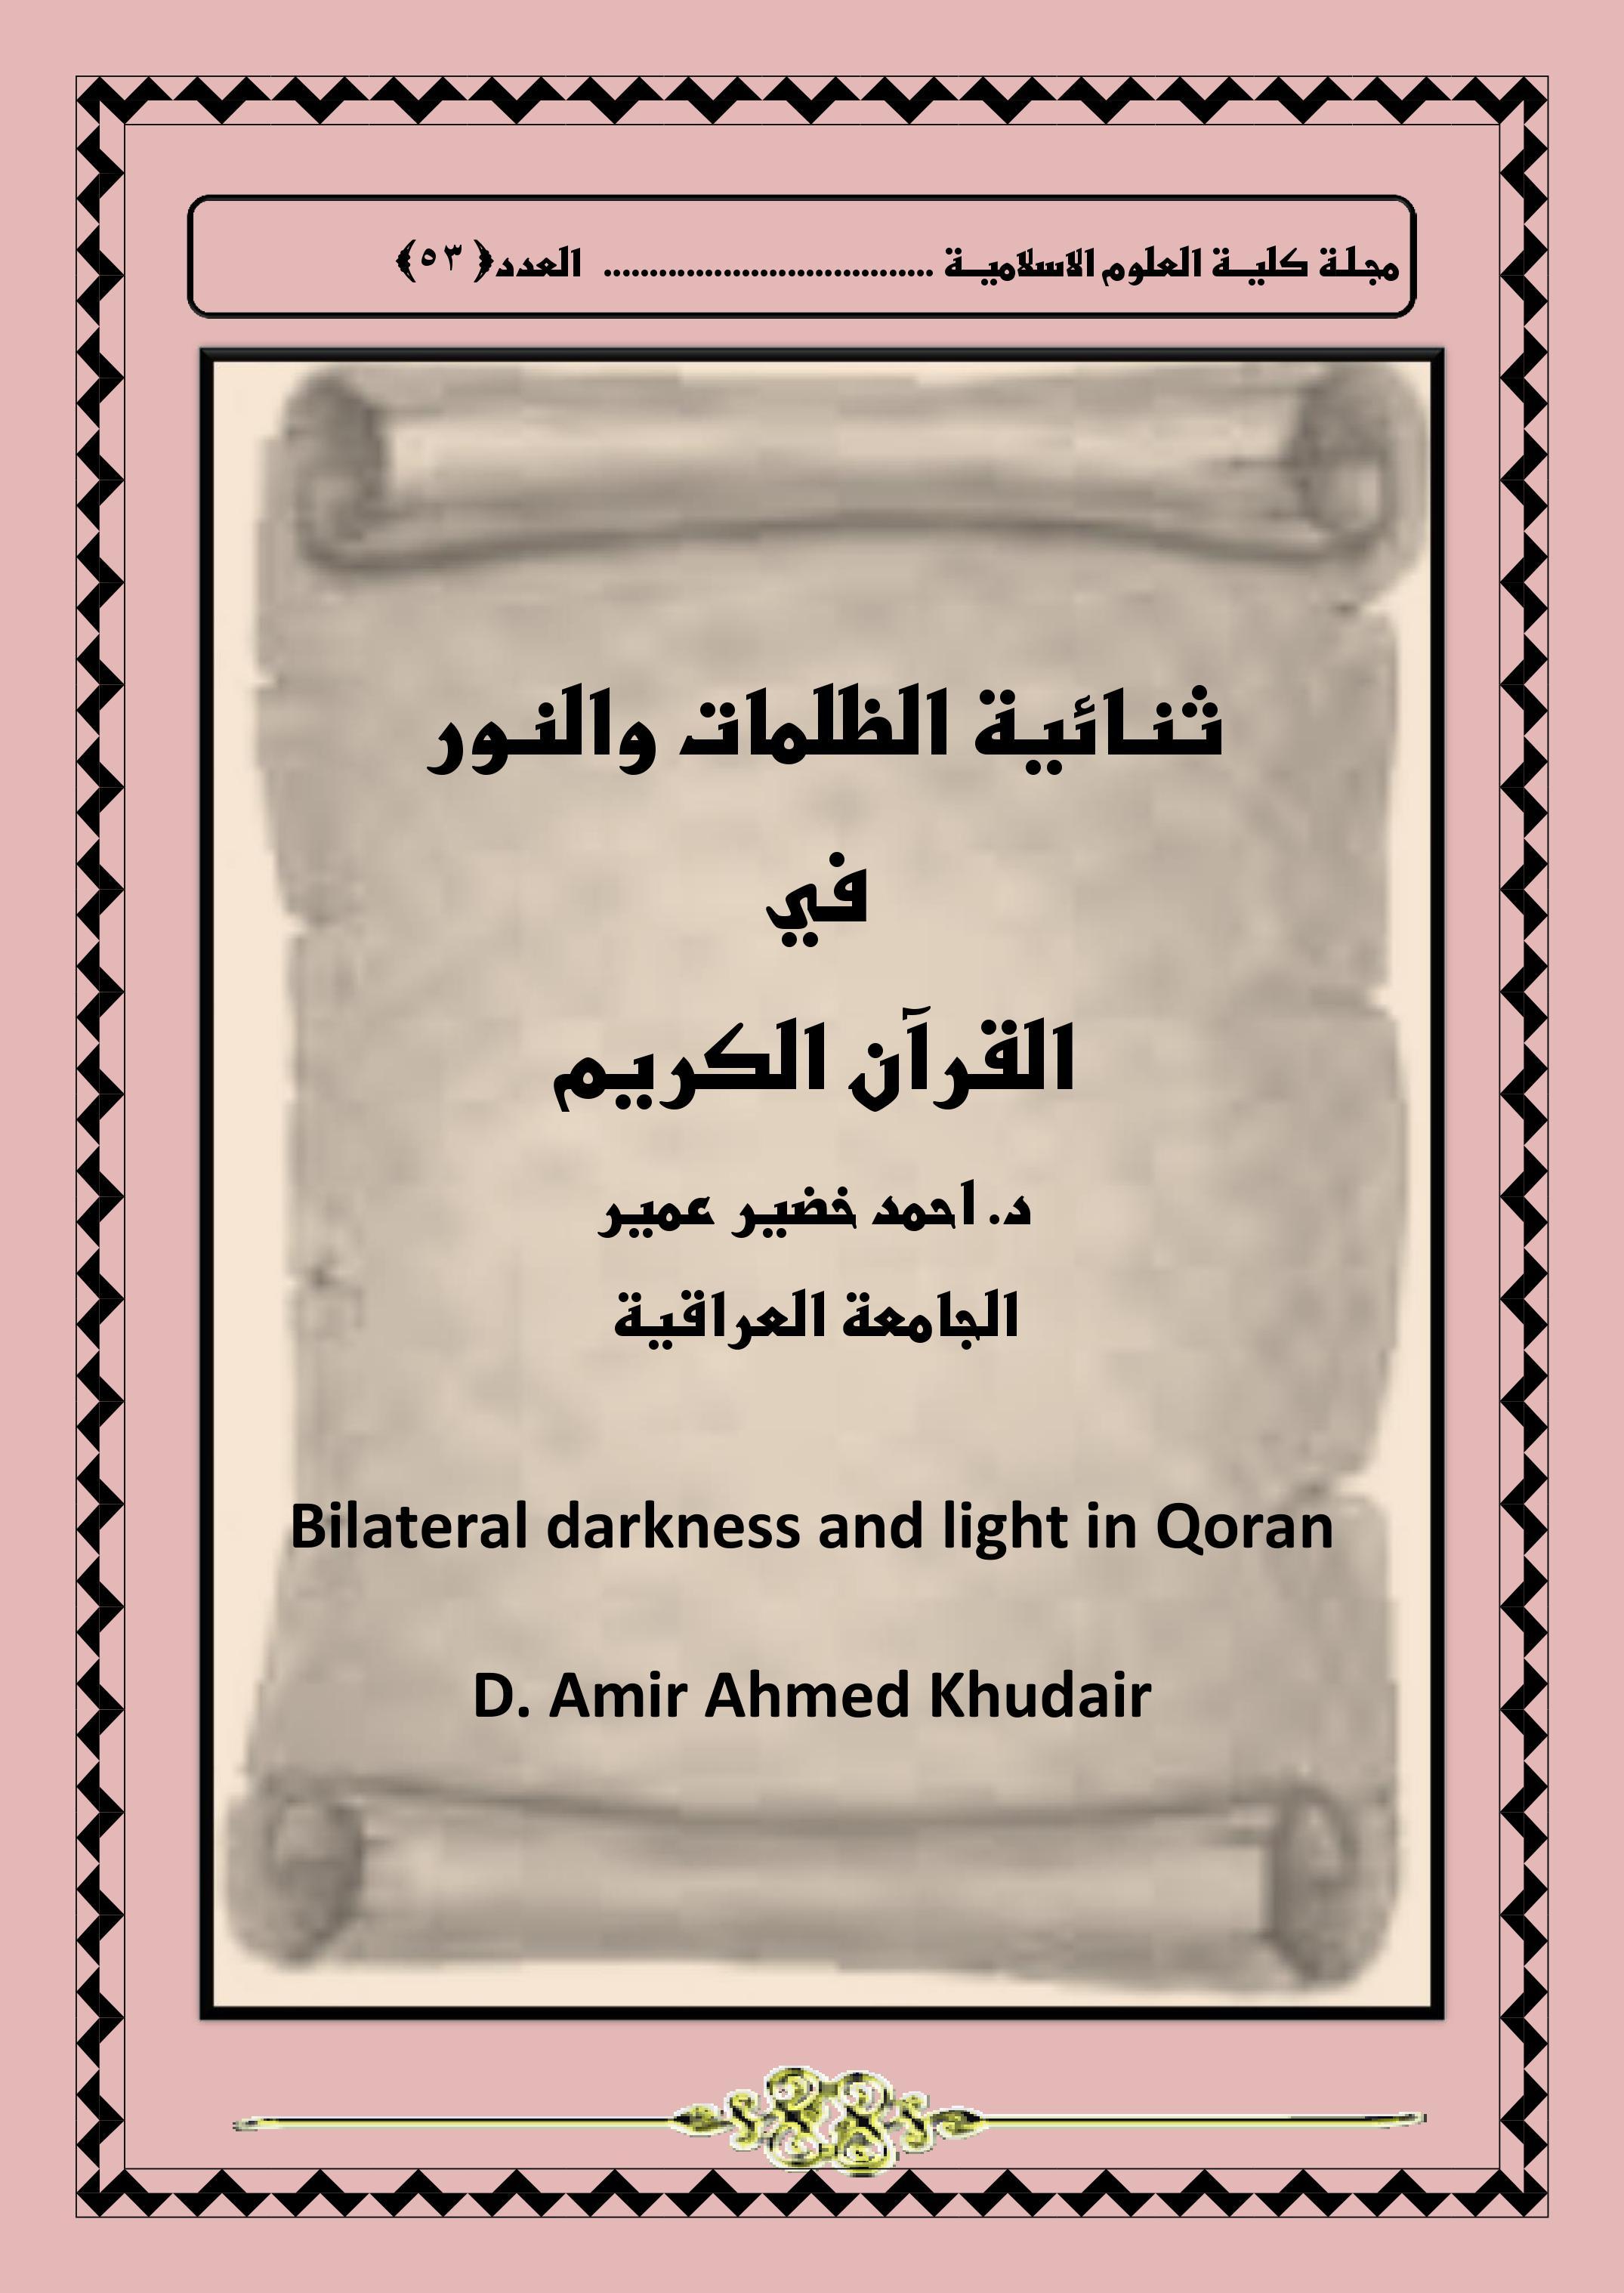 ثنائية الظلمات والنور  في القرآن الكريم